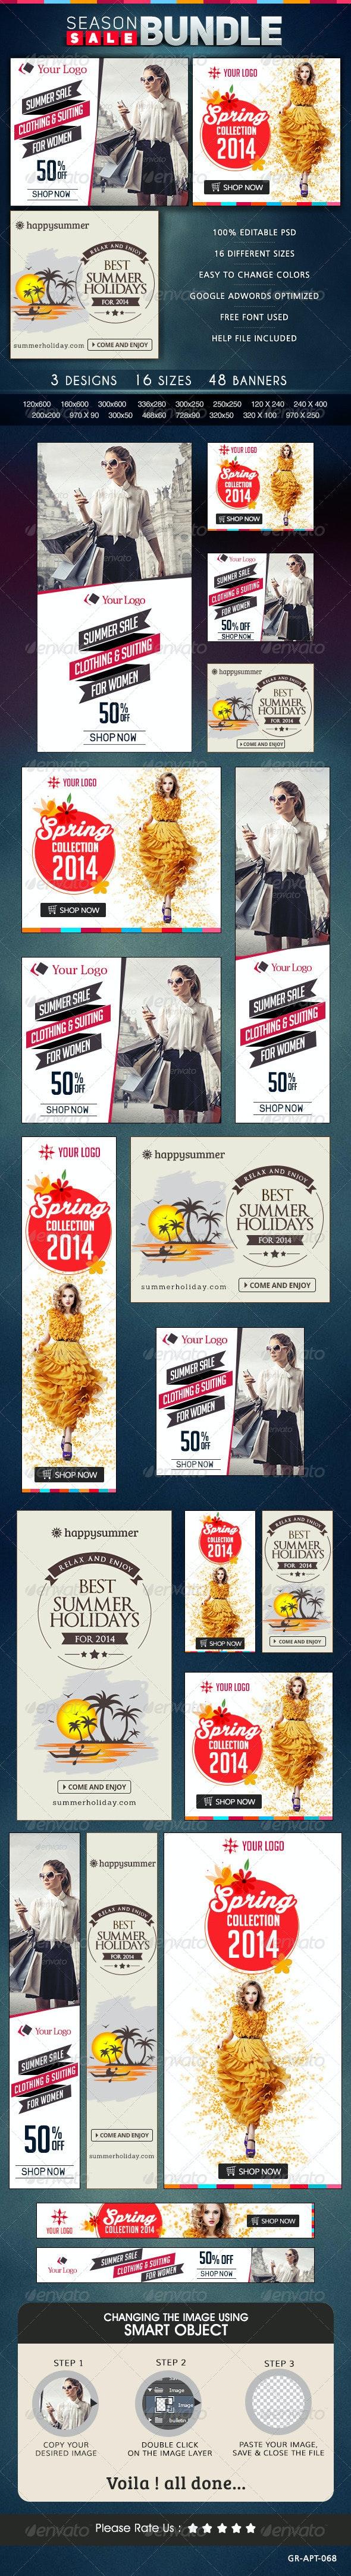 Season Sale Banner Bundle - 3 Sets - Banners & Ads Web Elements